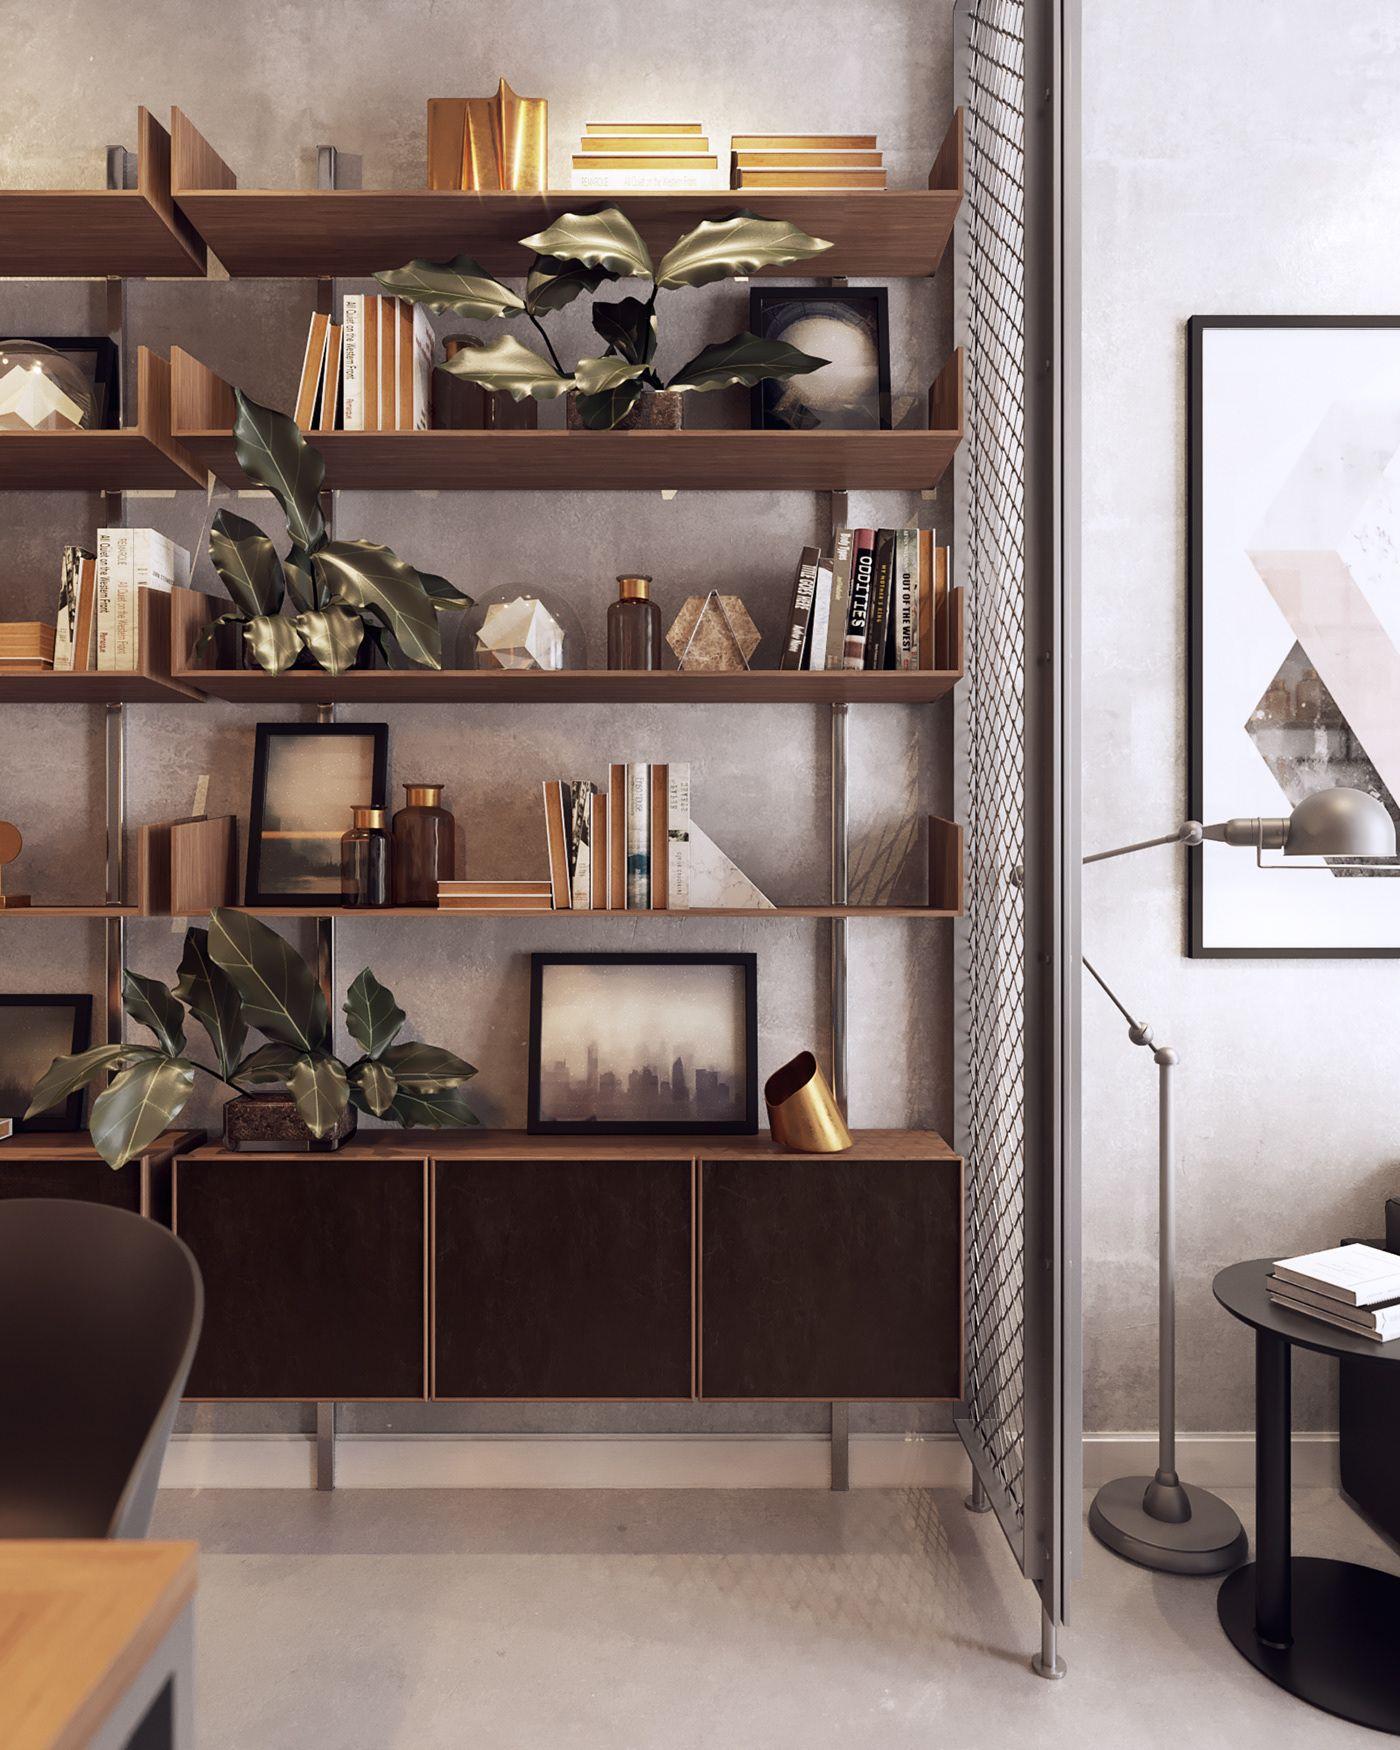 Autodesk Room Design: Small Officetel!! On Behance